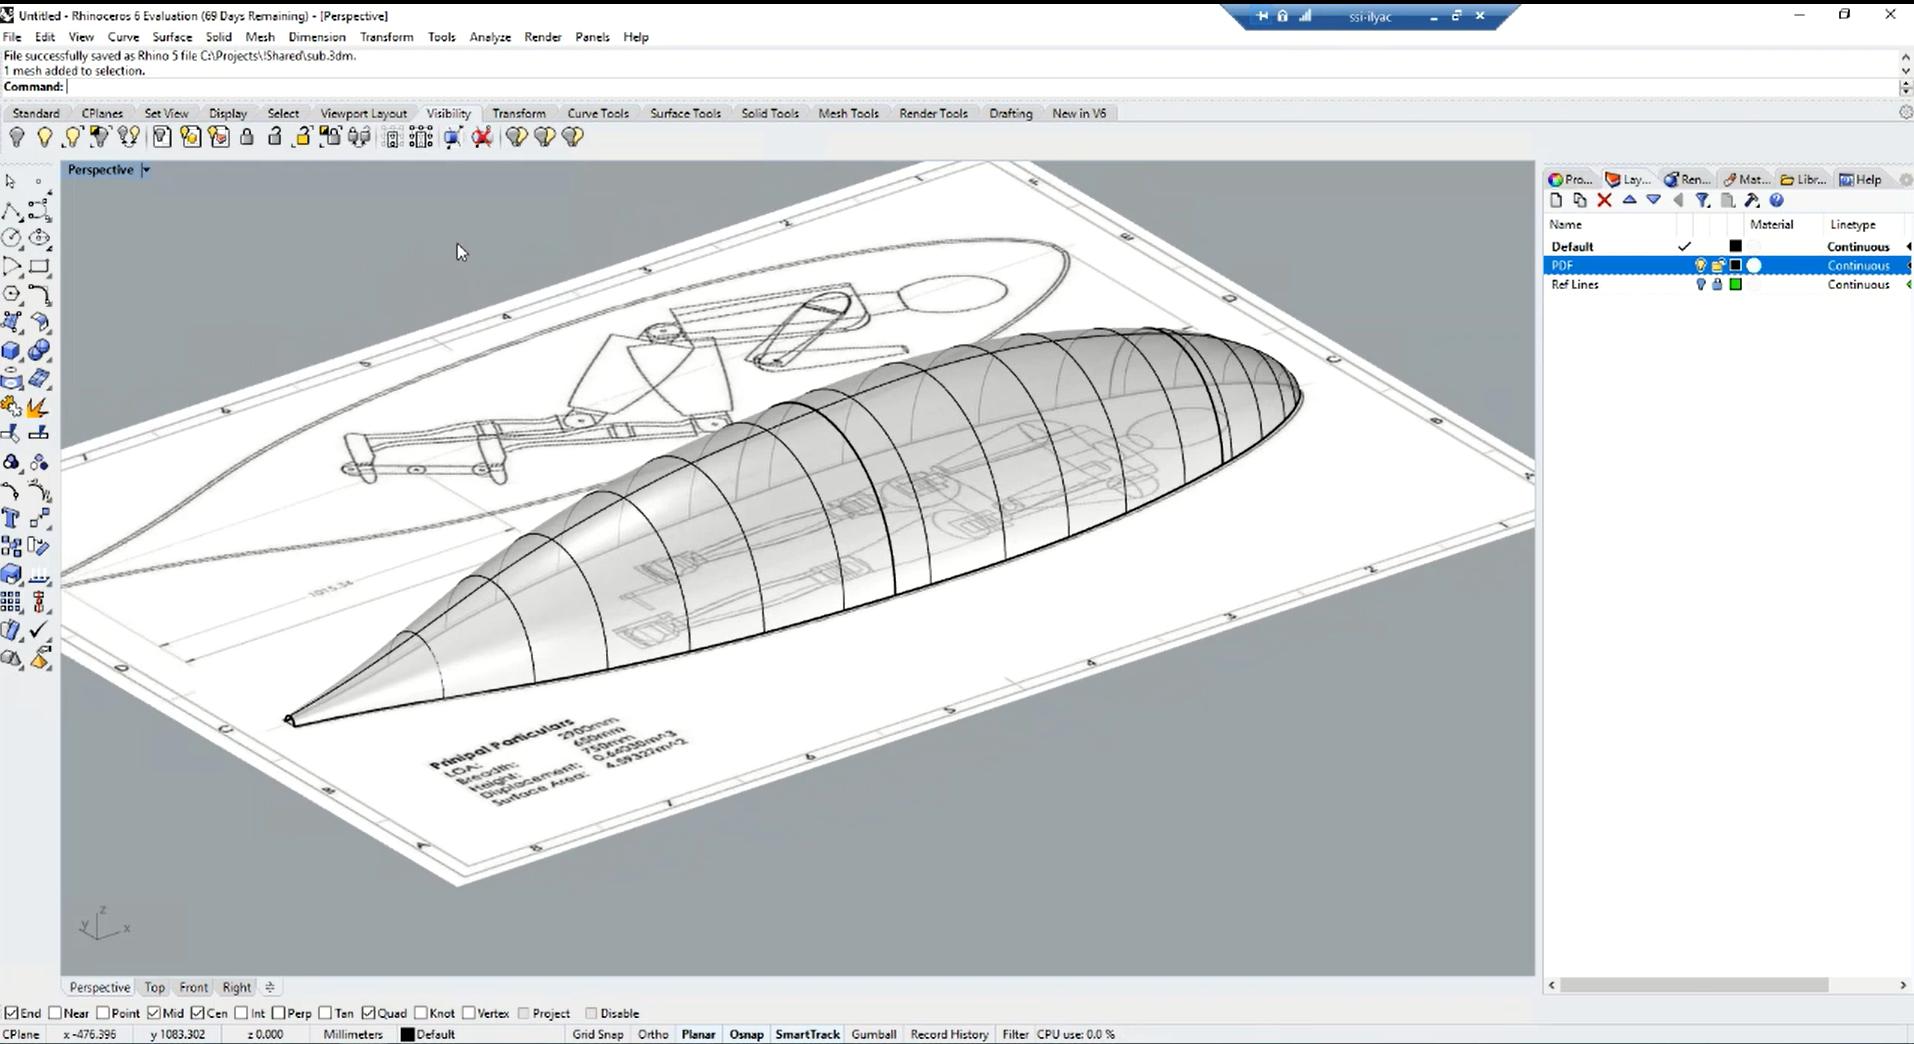 Submarine rendering in Rhino